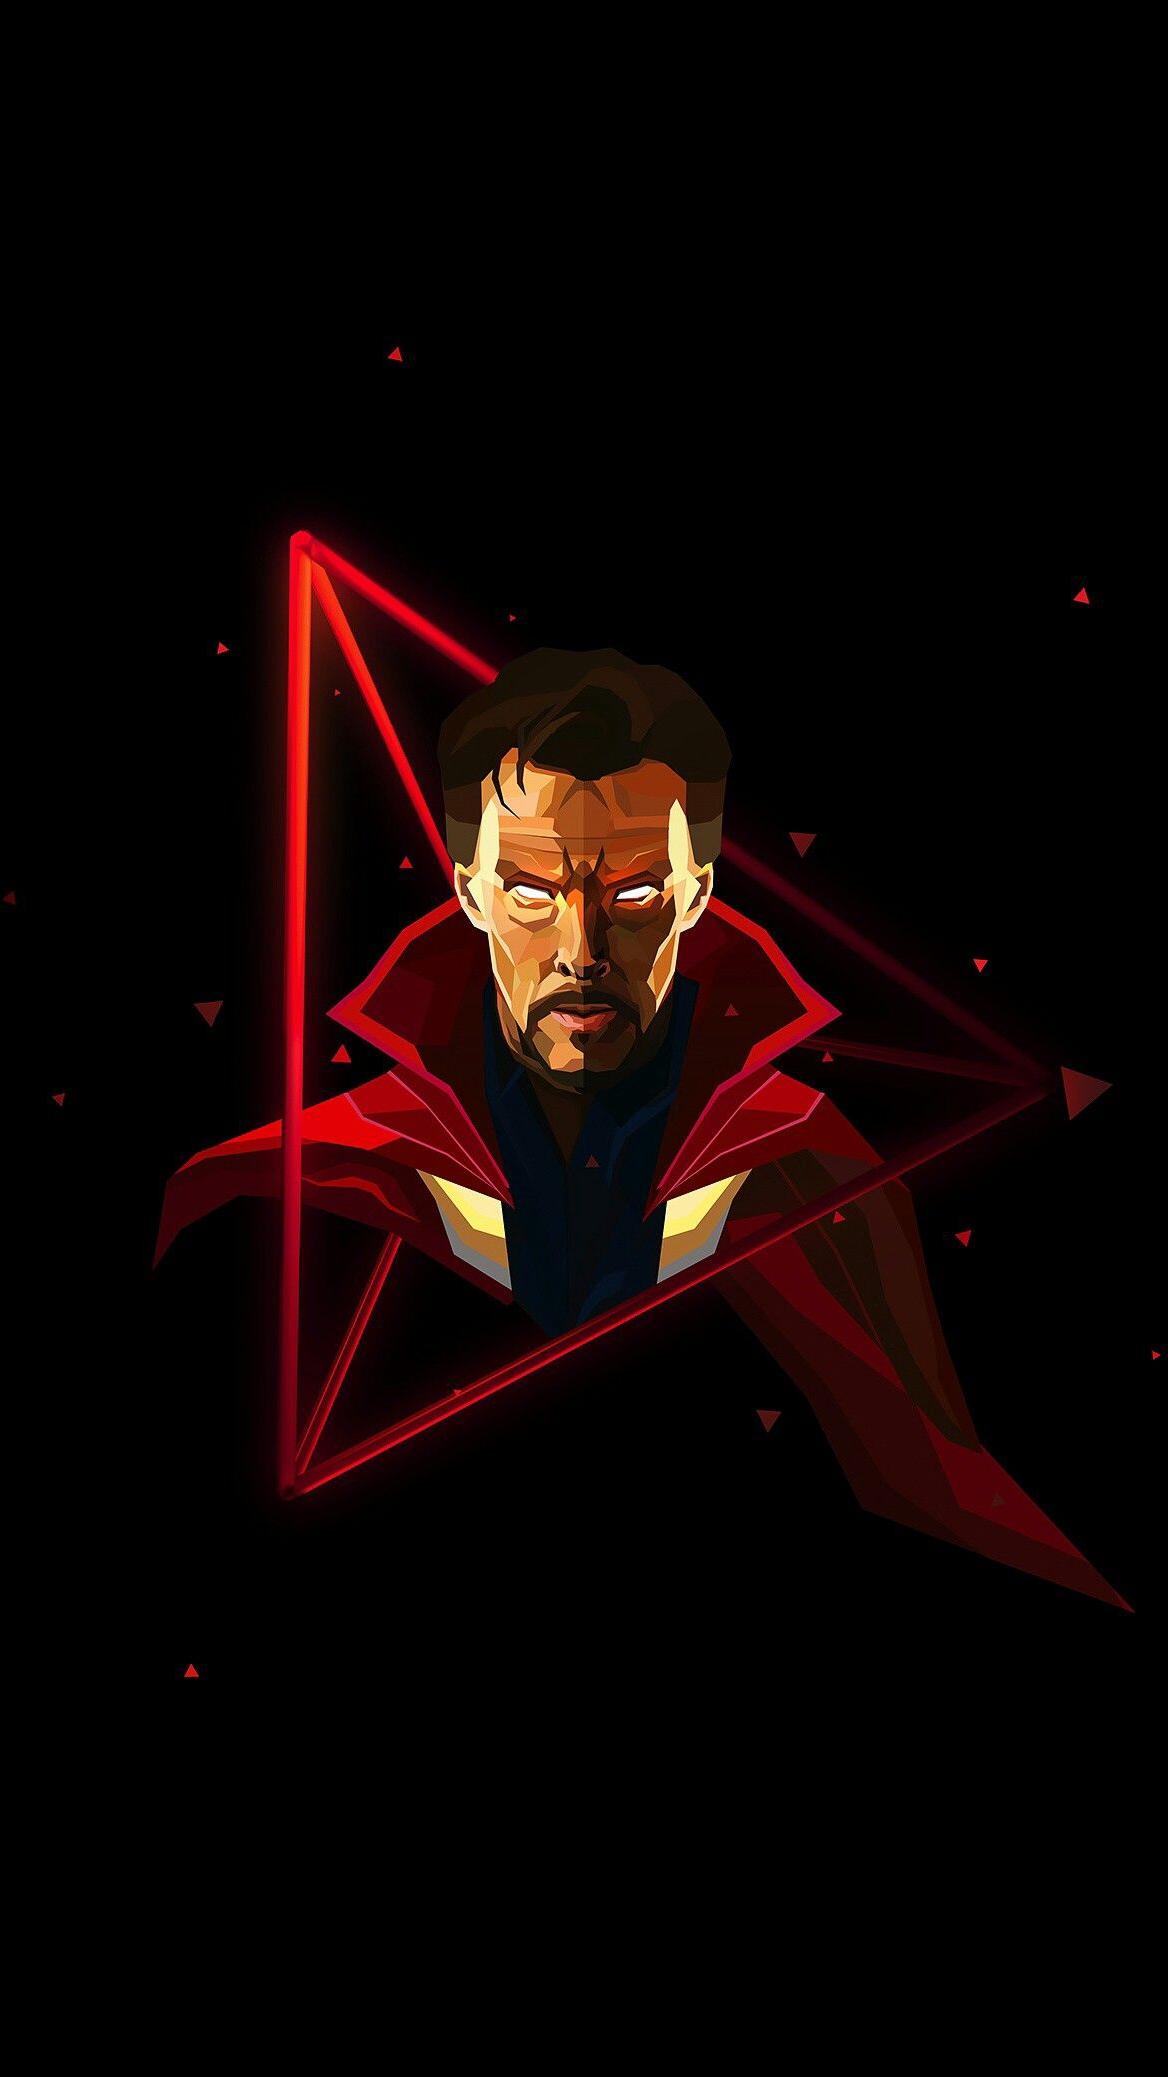 doctor-strange-neon-avengers-infinity-war-iphone-wallpaper - iphone